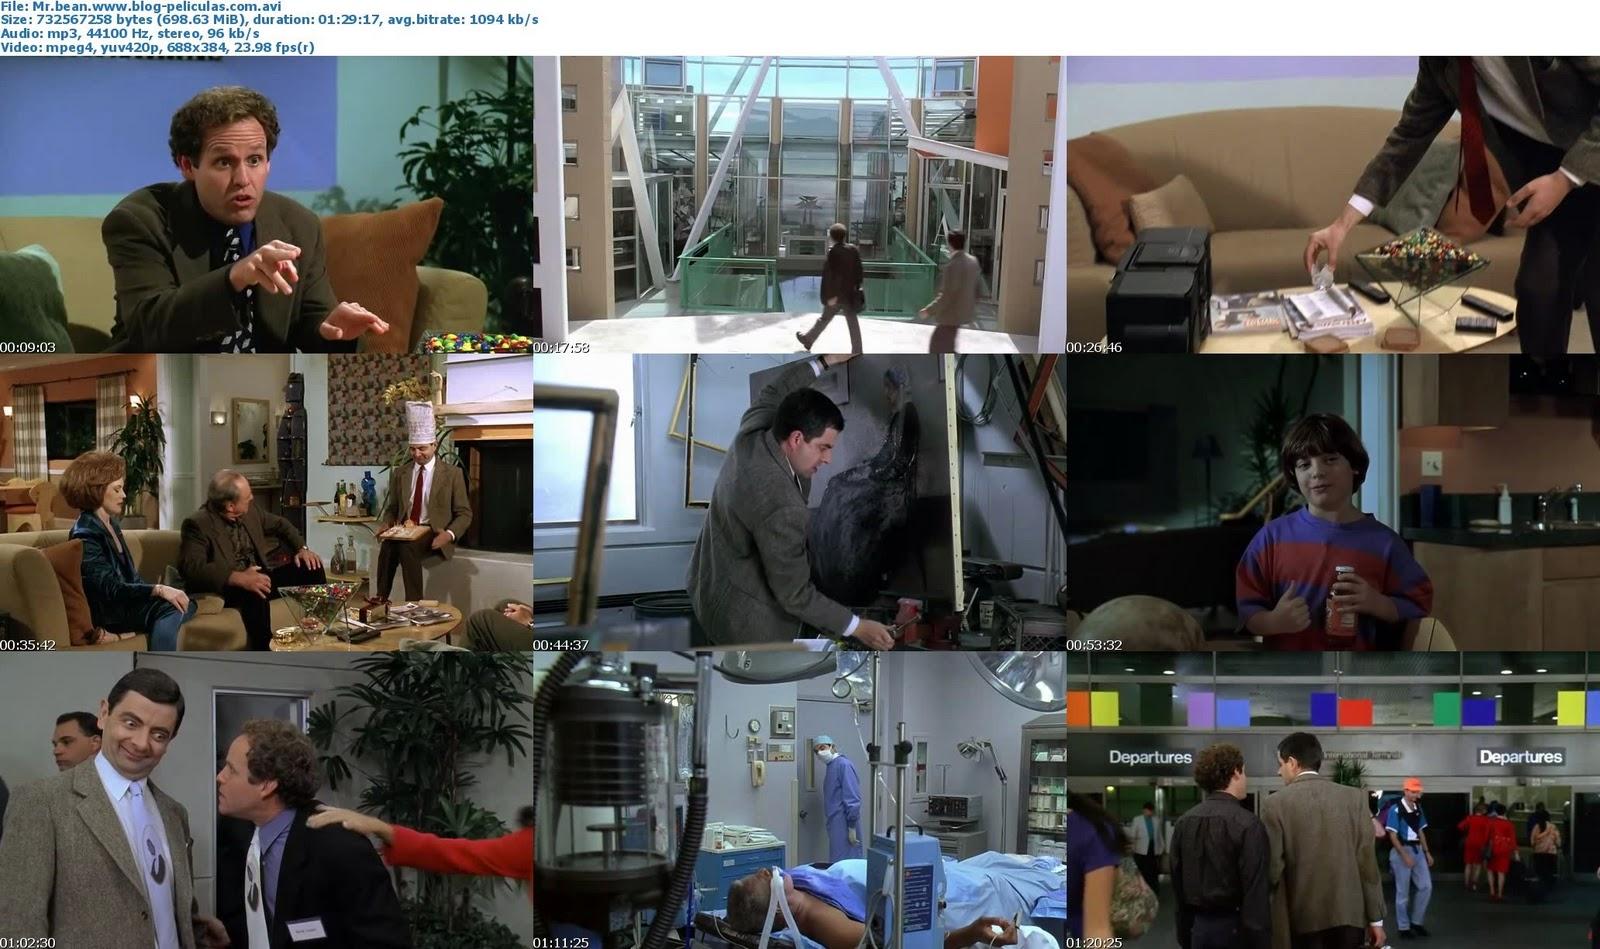 ver online Mr. Bean: El Ultimo Desastre, Mr. Bean: El Ultimo Desastre